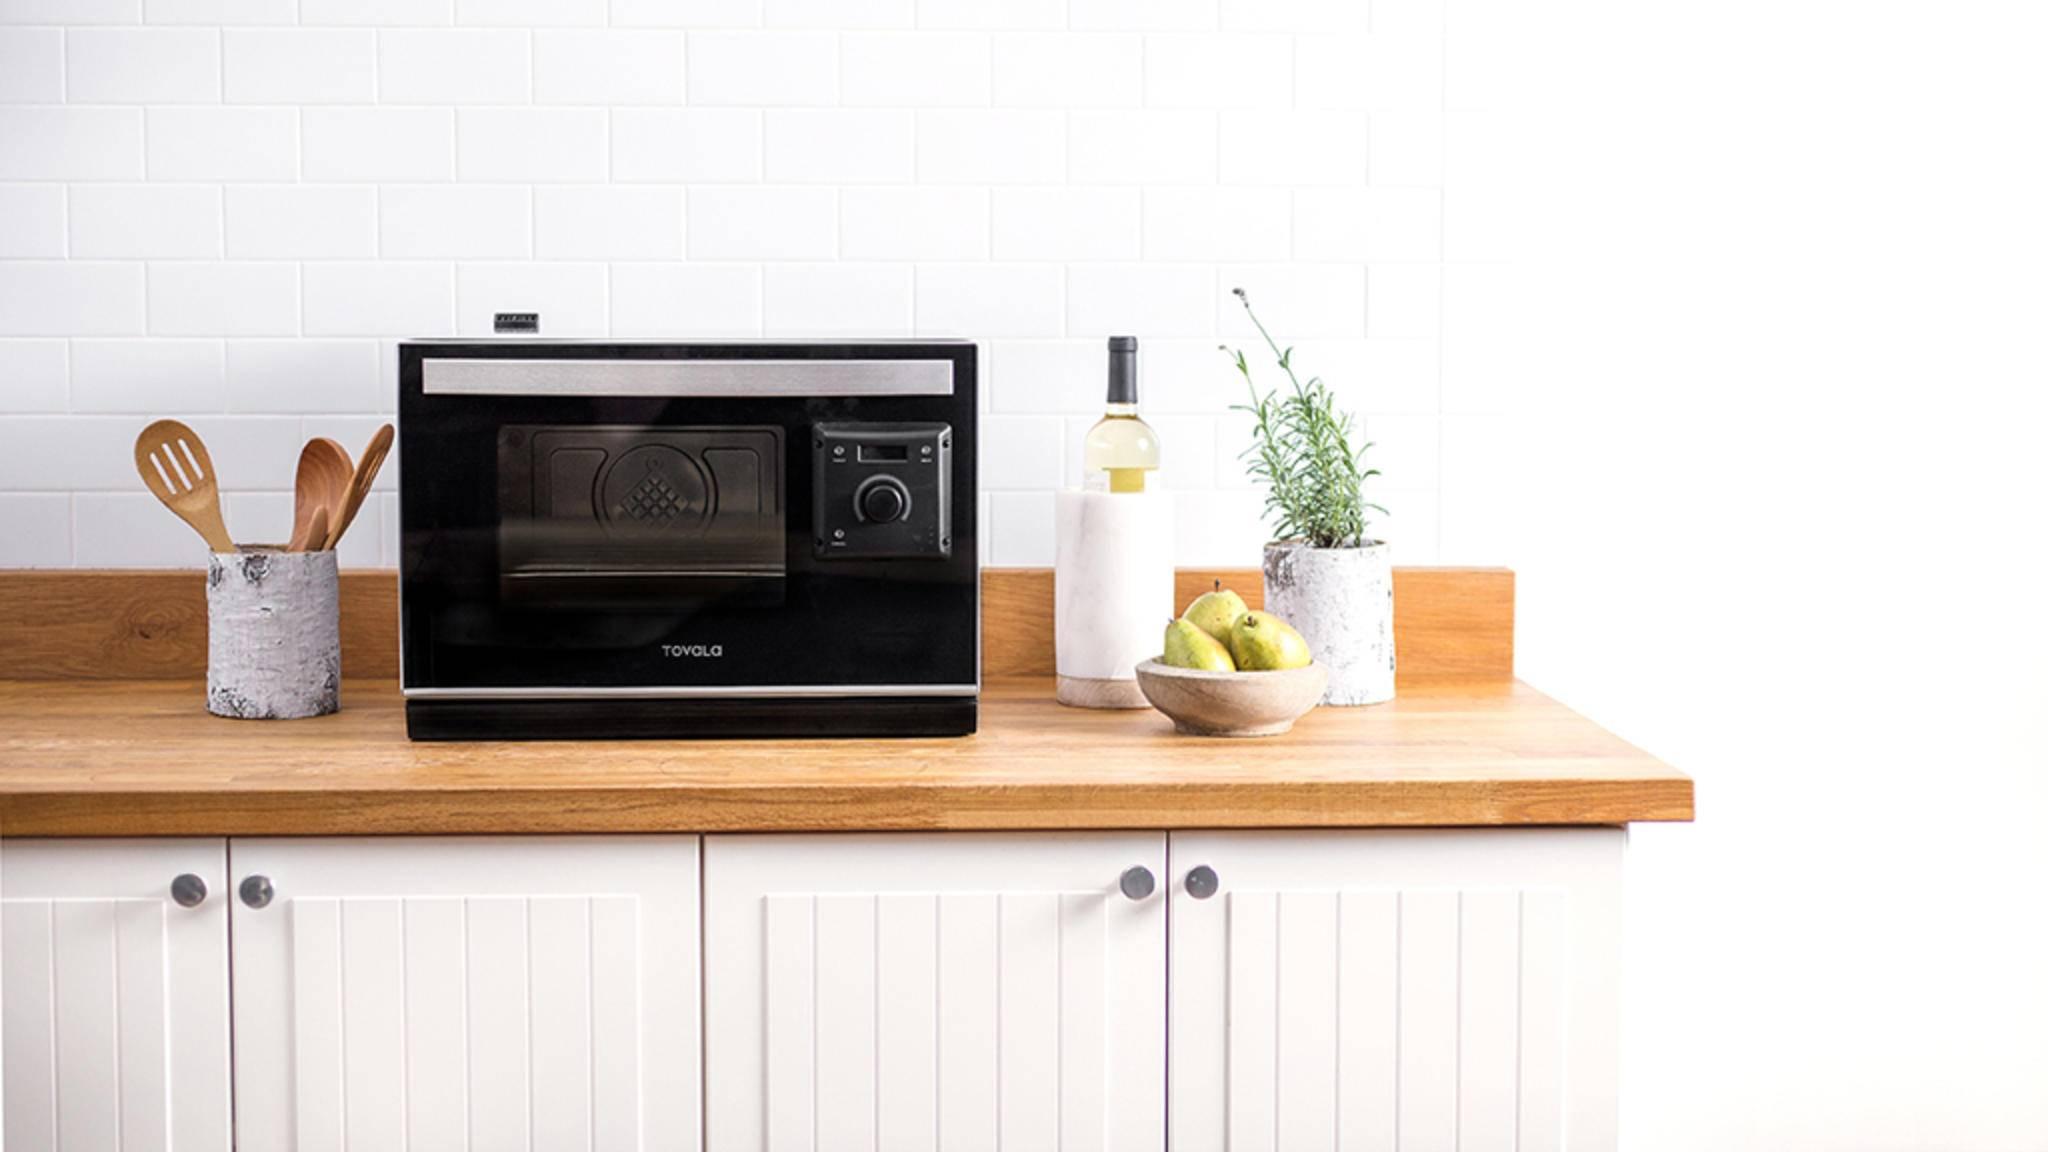 Der smarte Ofen von Tovala hat die Größe einer Mikrowelle.